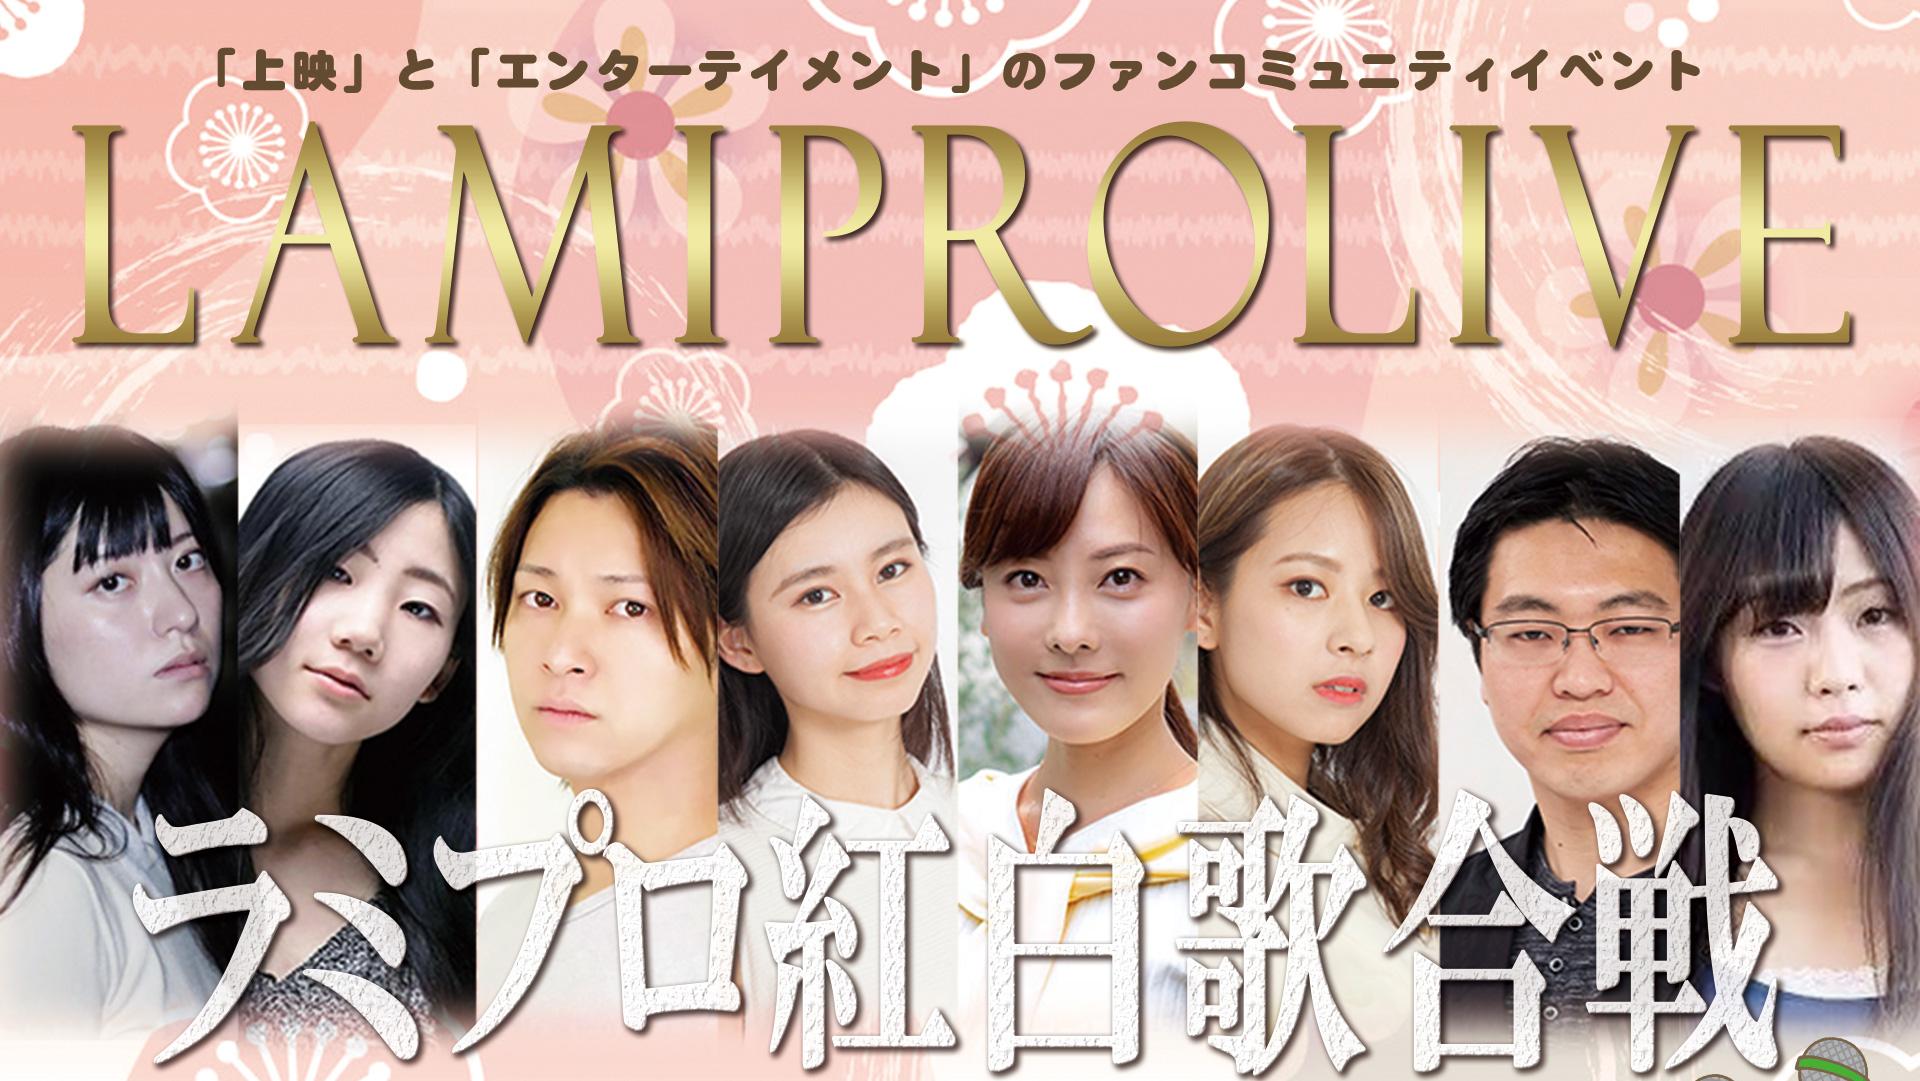 ラミプロライブ2020 Vol.1